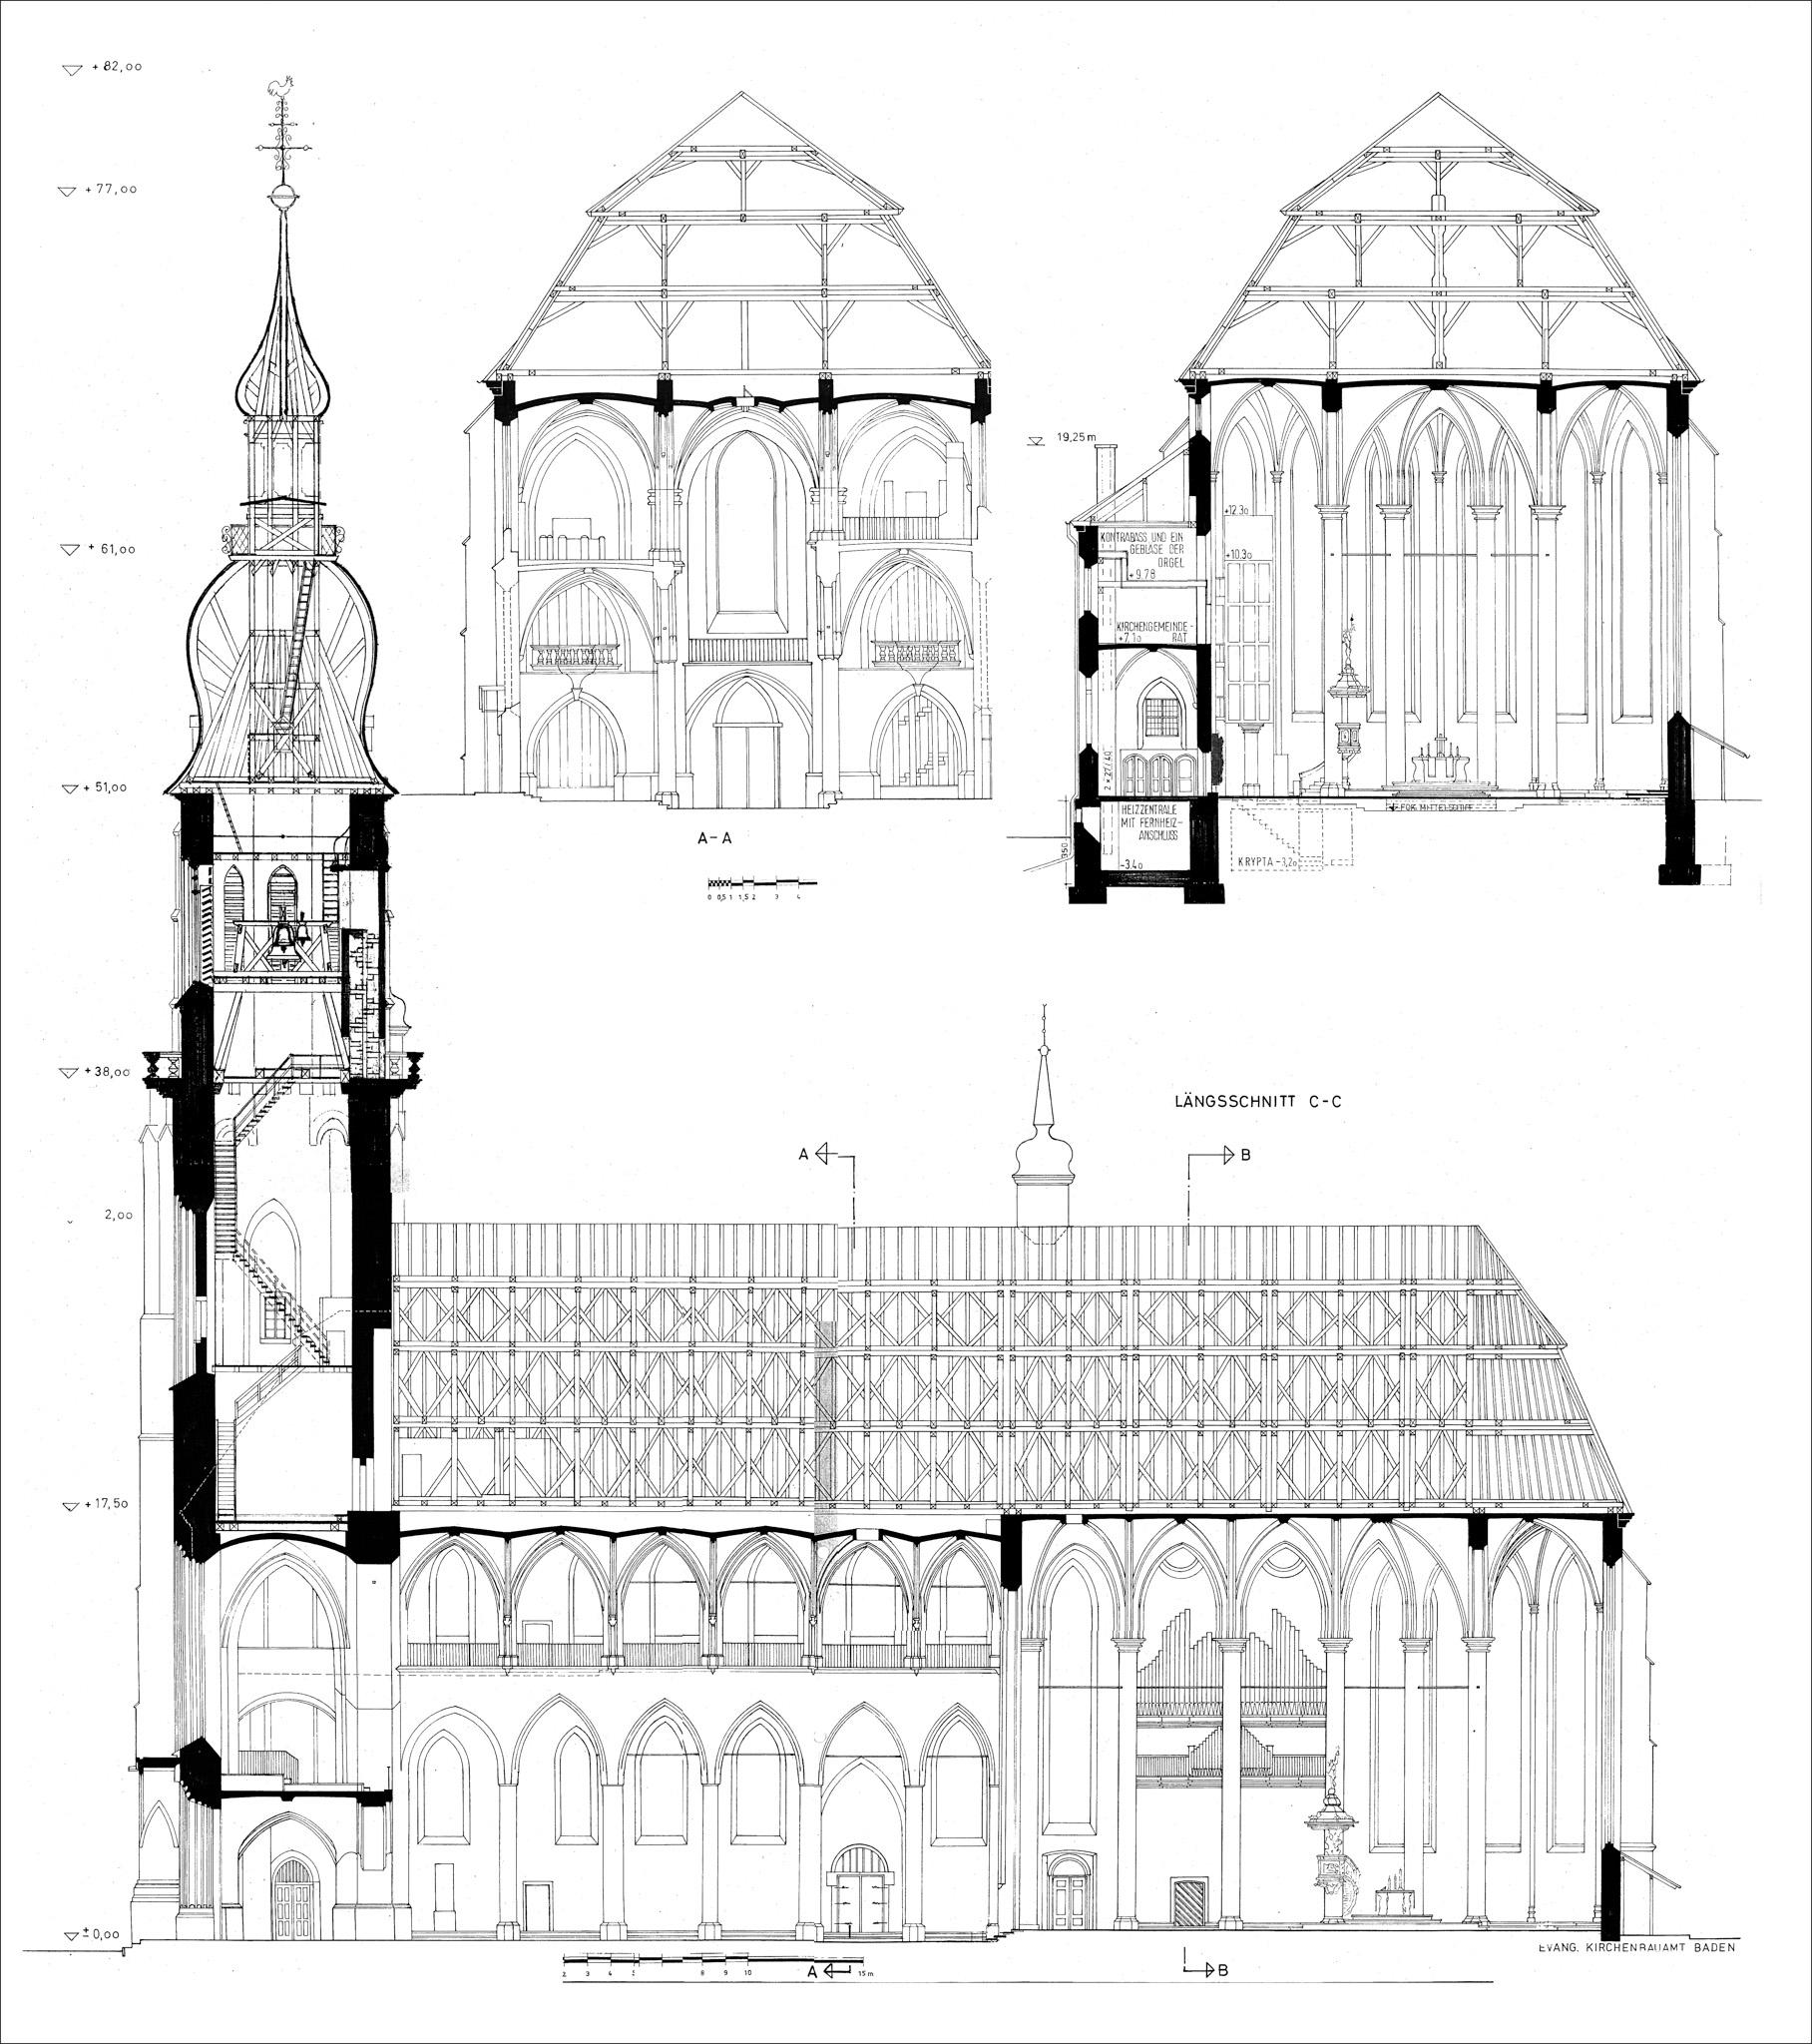 Heidelberg - Heiliggeistkirche - Längschnitt und Querschnitte (Quelle: Evangelische Landeskirche in Baden, Karlsruhe, Planarchiv)